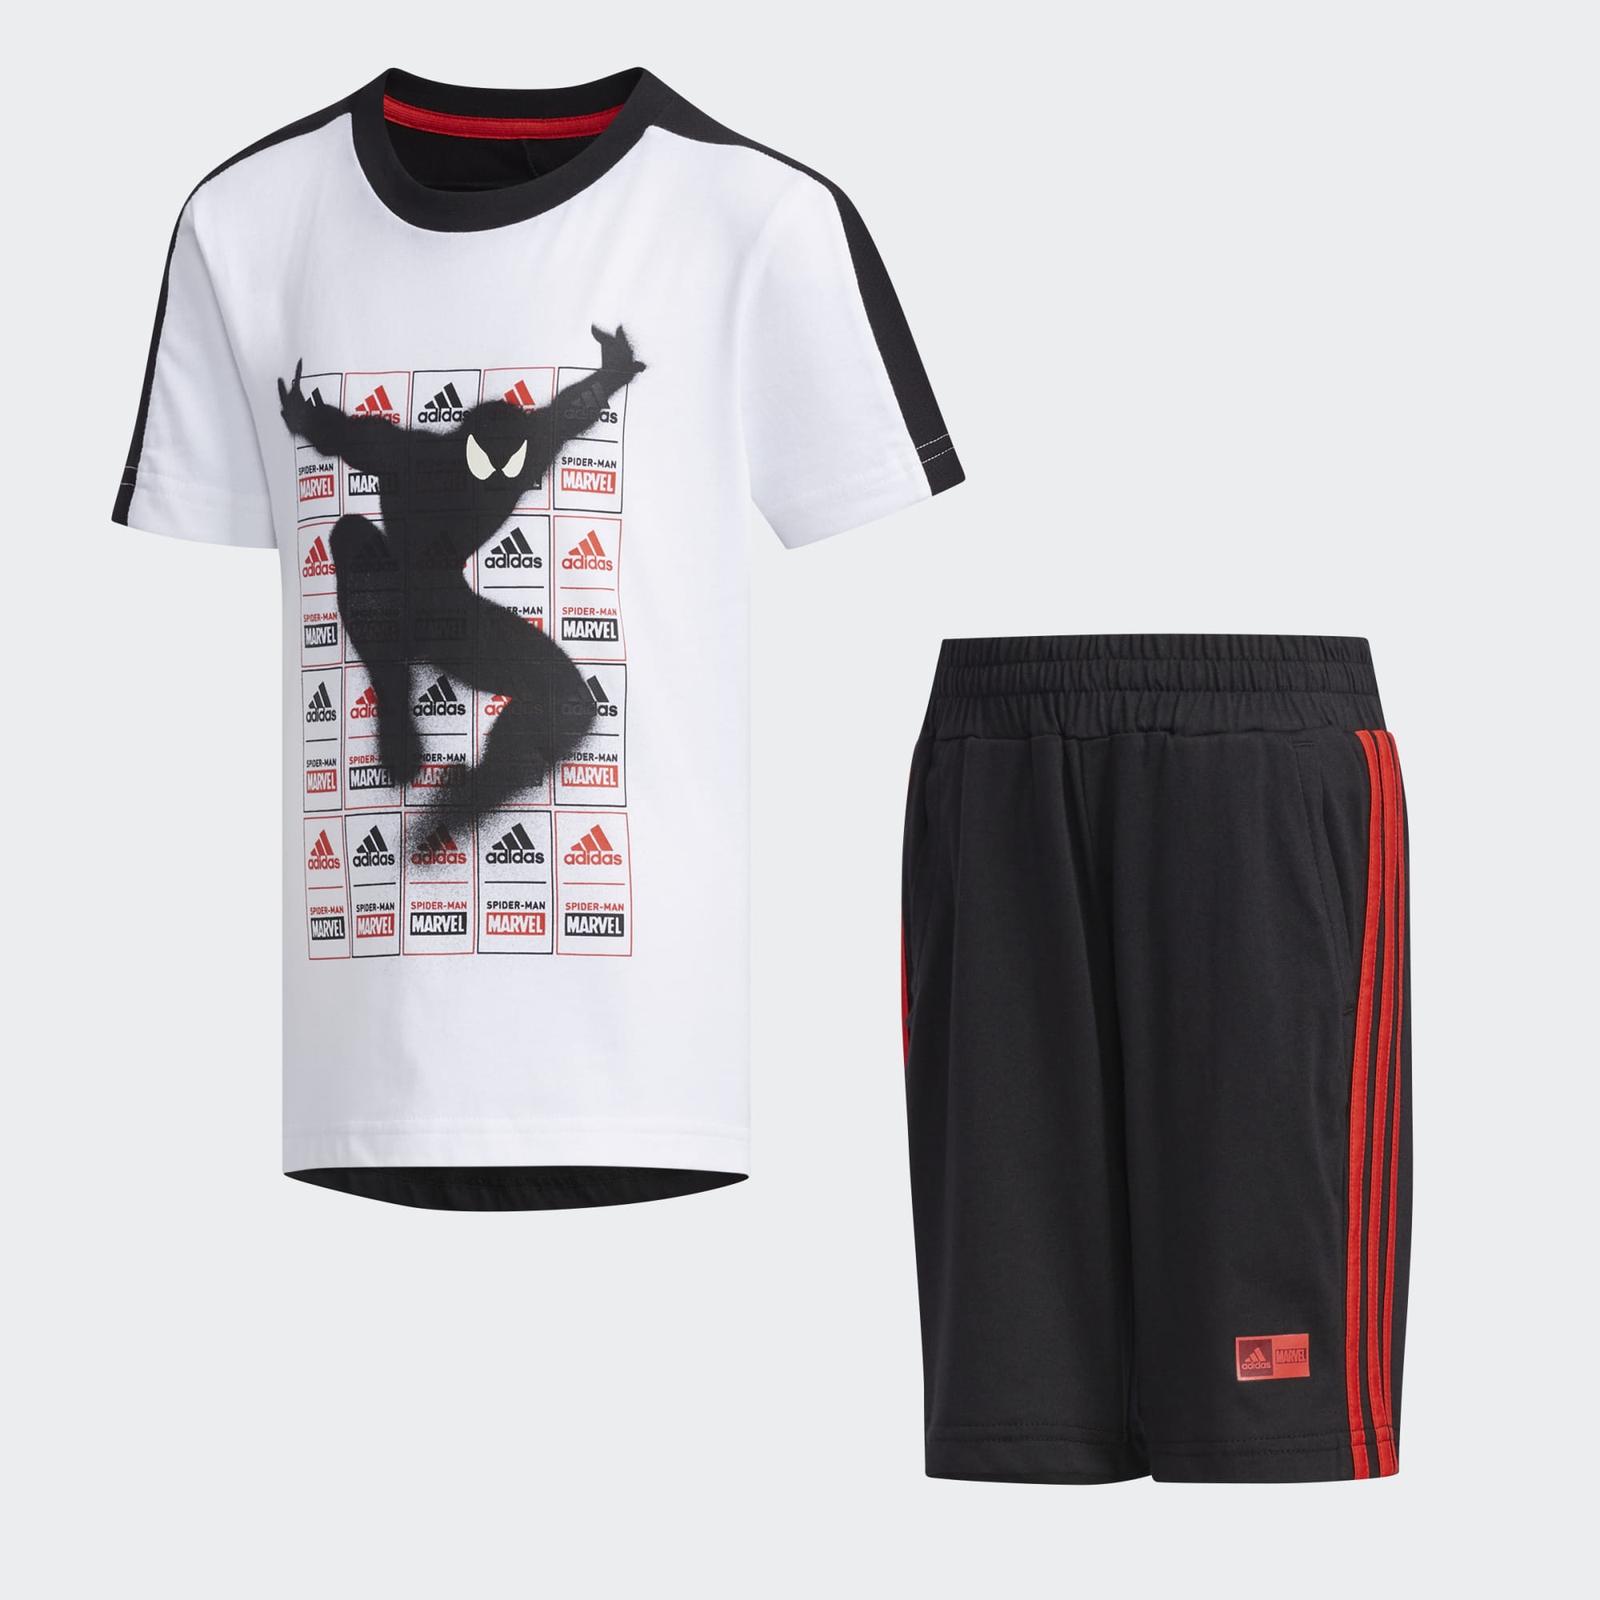 Спортивный костюм adidas спортивный костюм мужской adidas mts wv light цвет черный dv2466 размер xs 40 42